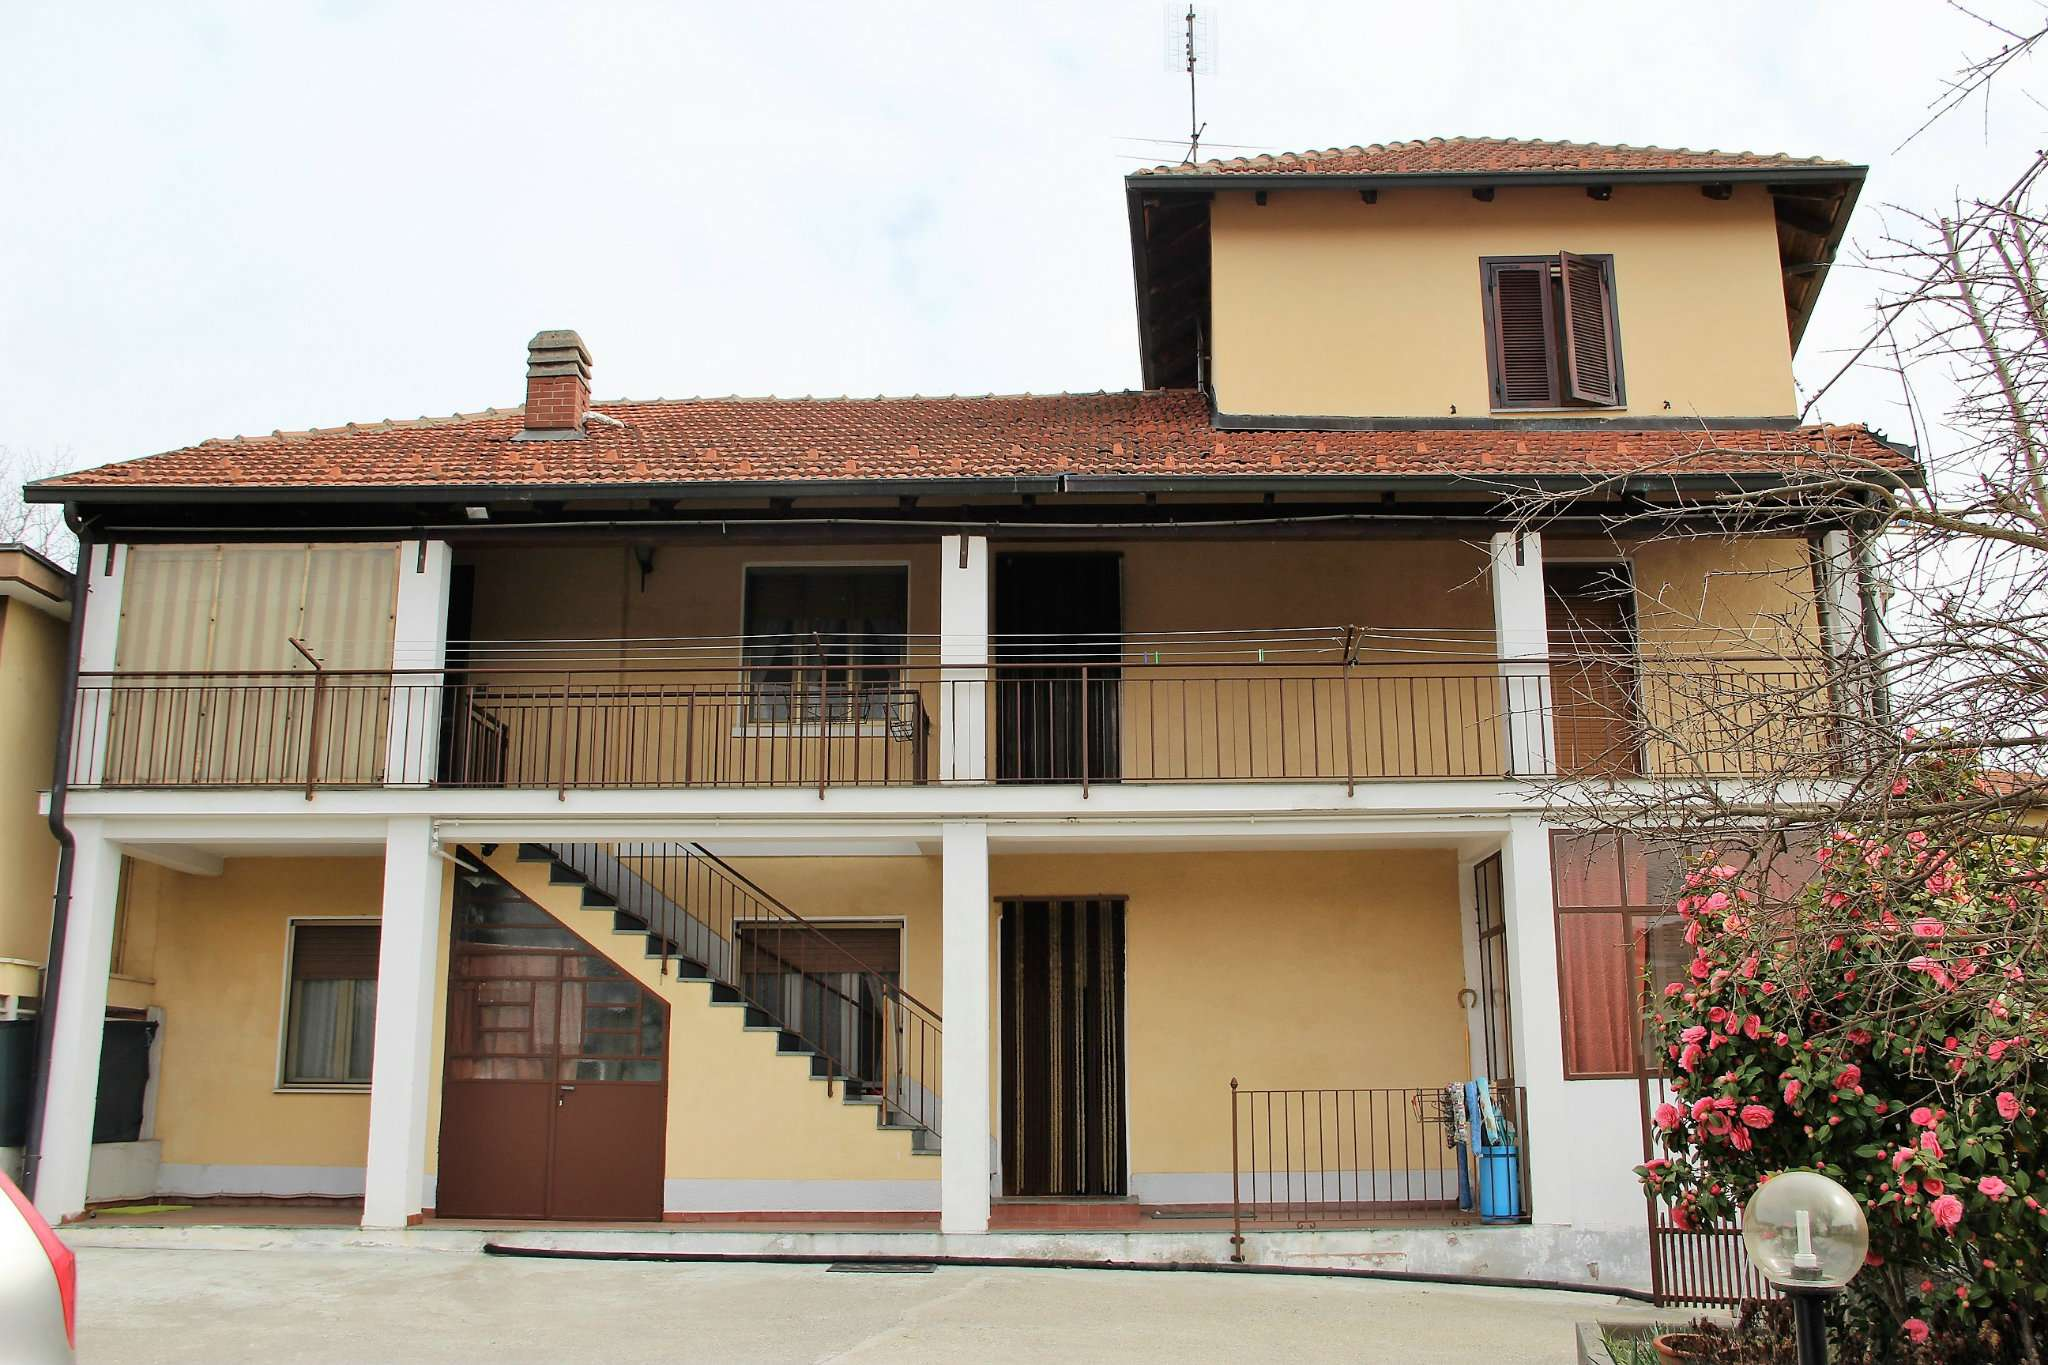 Soluzione Indipendente in vendita a Villarbasse, 6 locali, prezzo € 249.000 | Cambio Casa.it